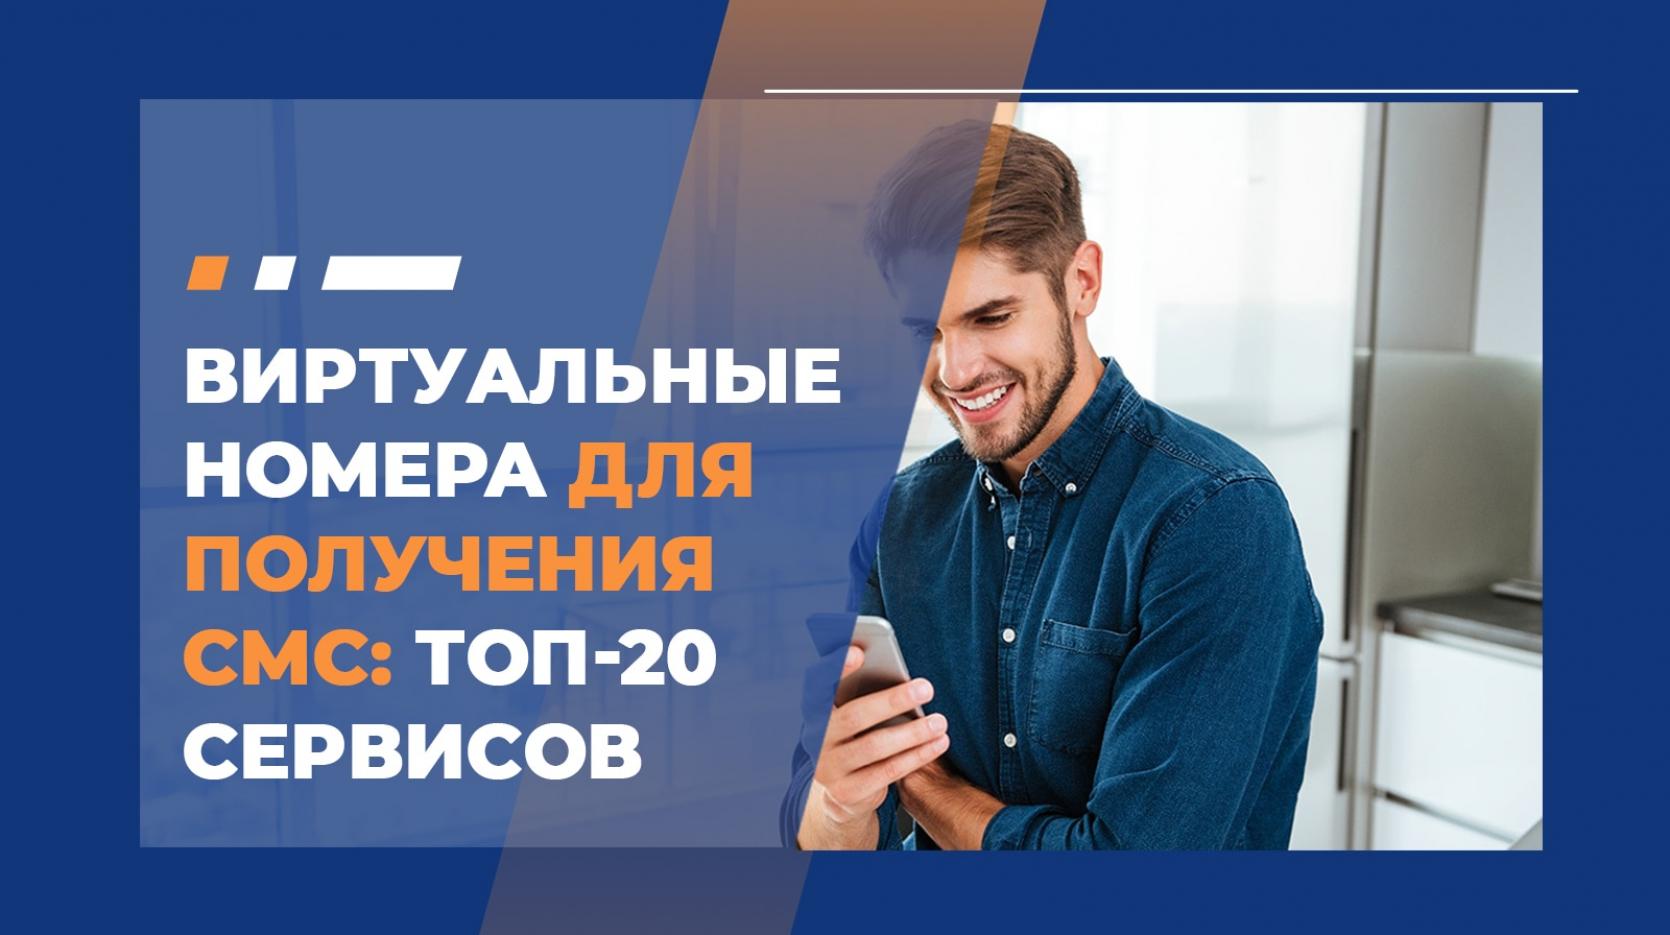 sms-activ